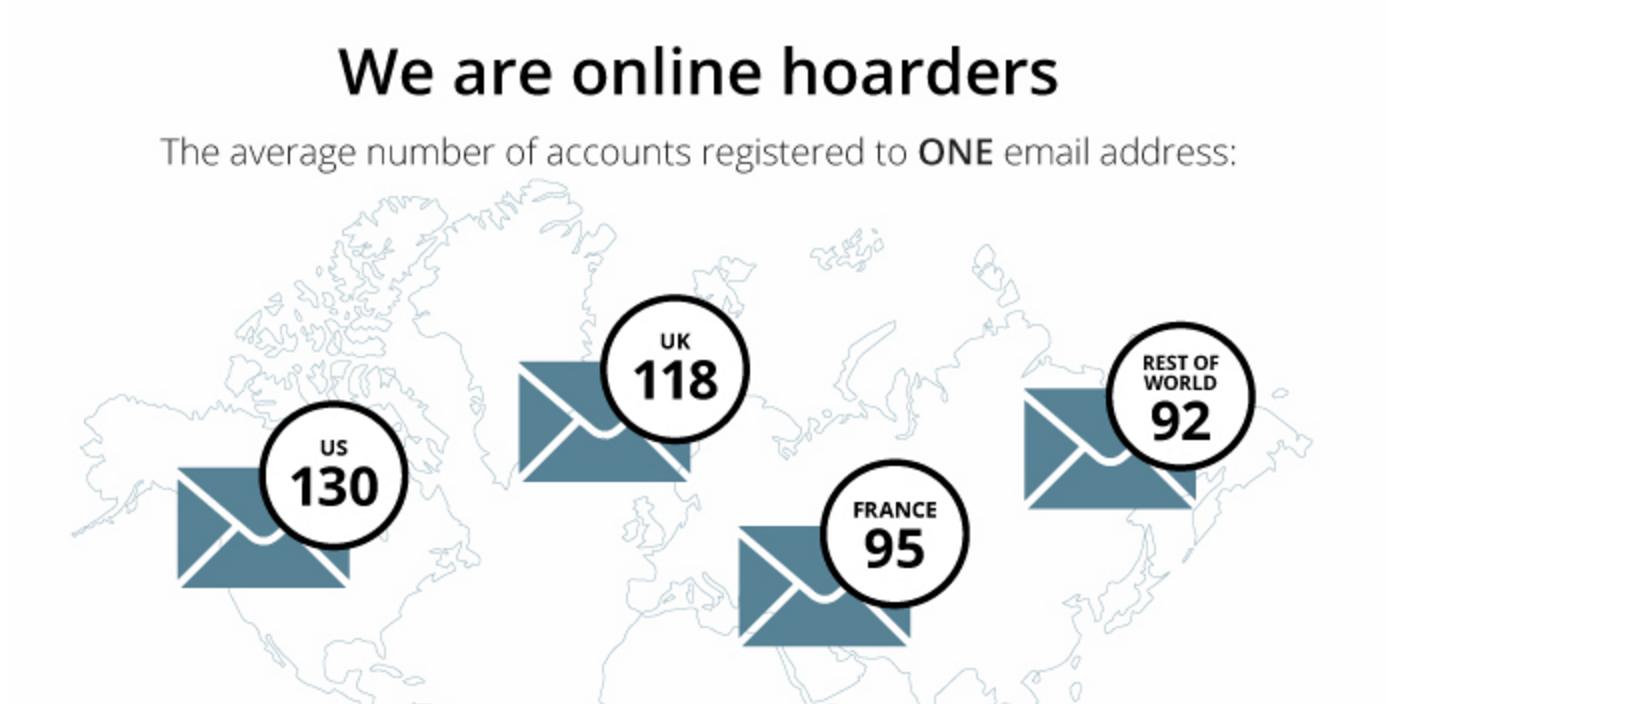 Online hoarders